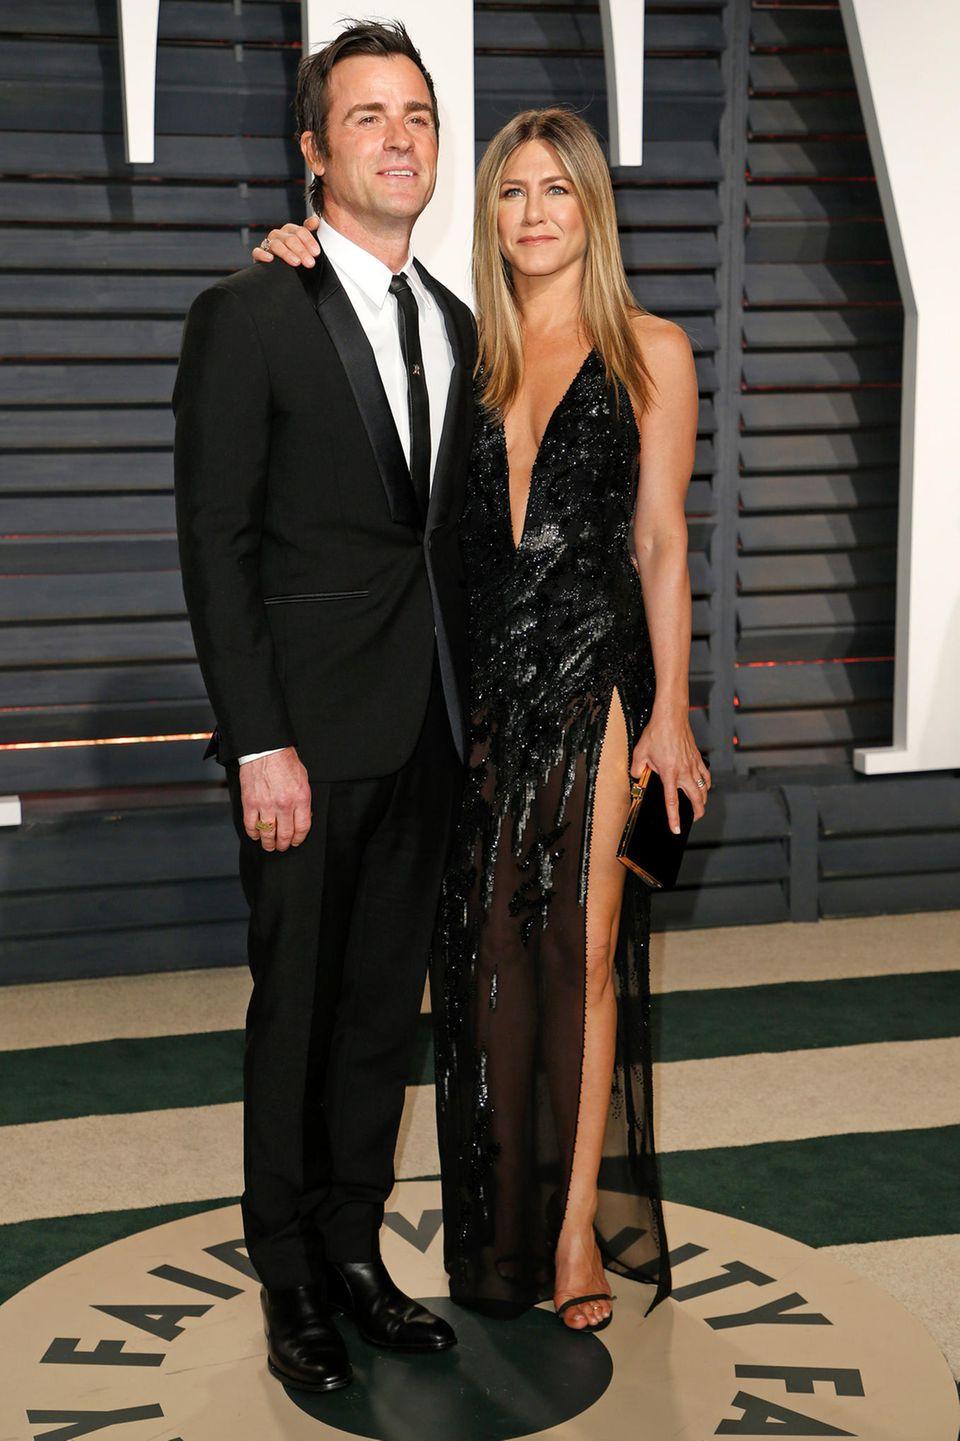 Liebespartner und Freunde: Jennifer und Justin zeigen auch auf dem roten Teppich, wie das aussieht.